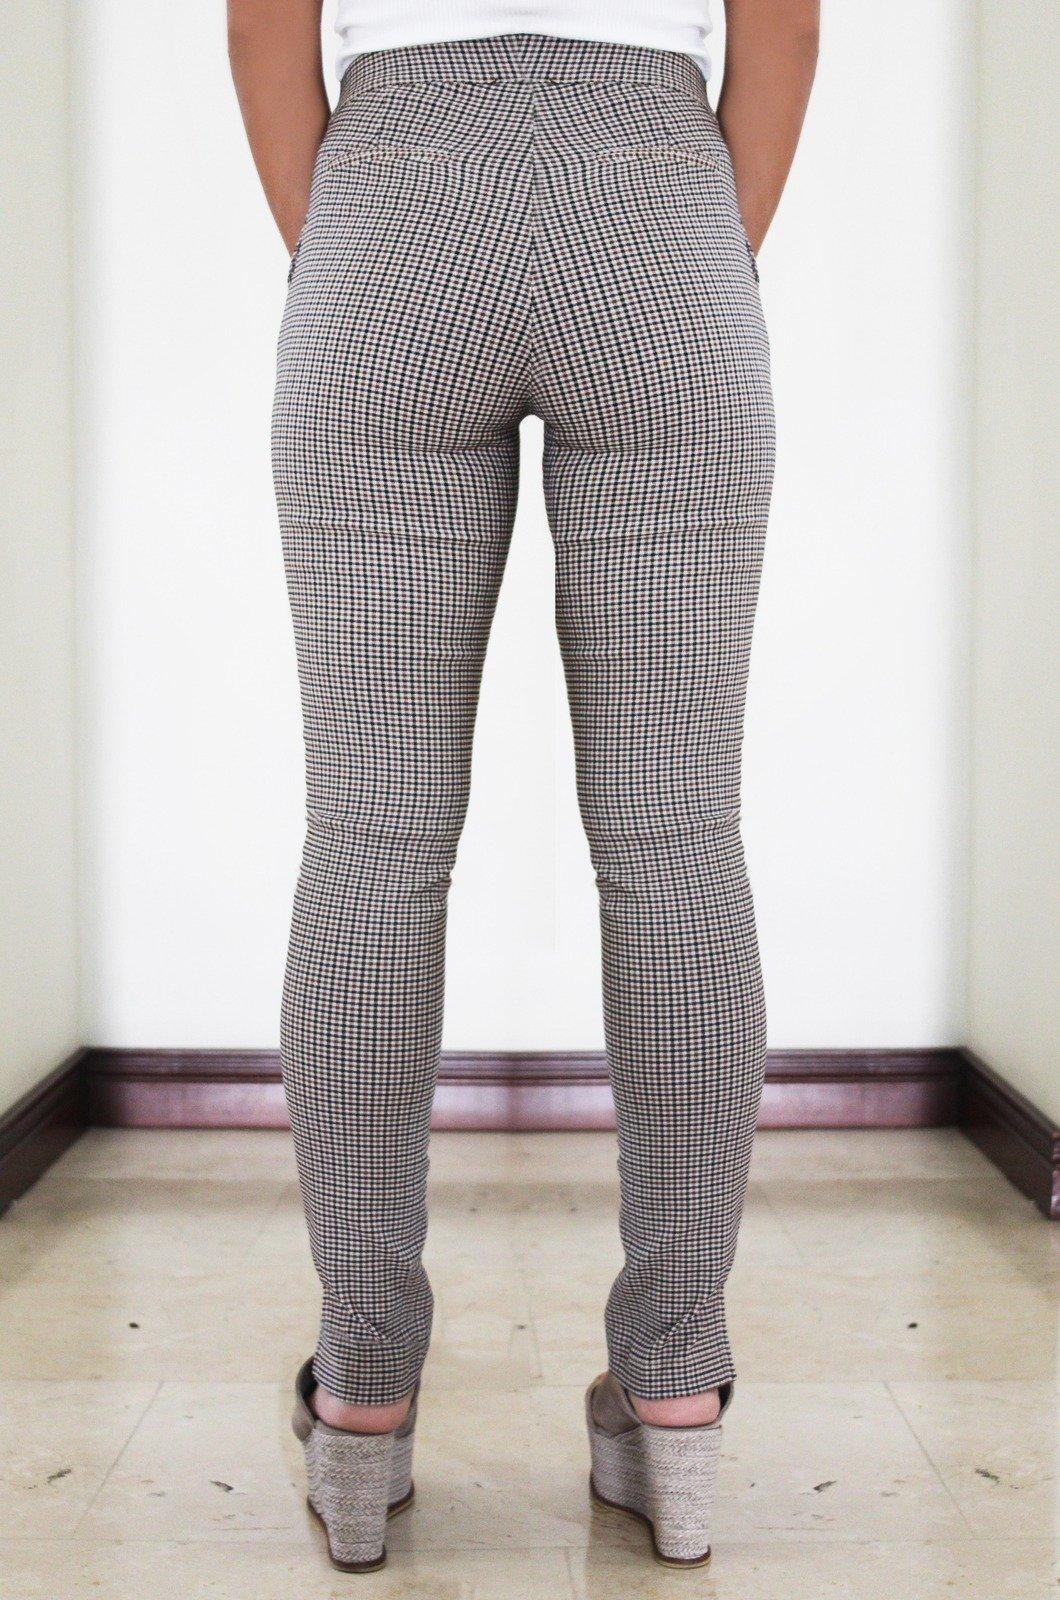 Pantalón-tipo-leggins-con-abertura-en-ruedo-Chazari1336-20